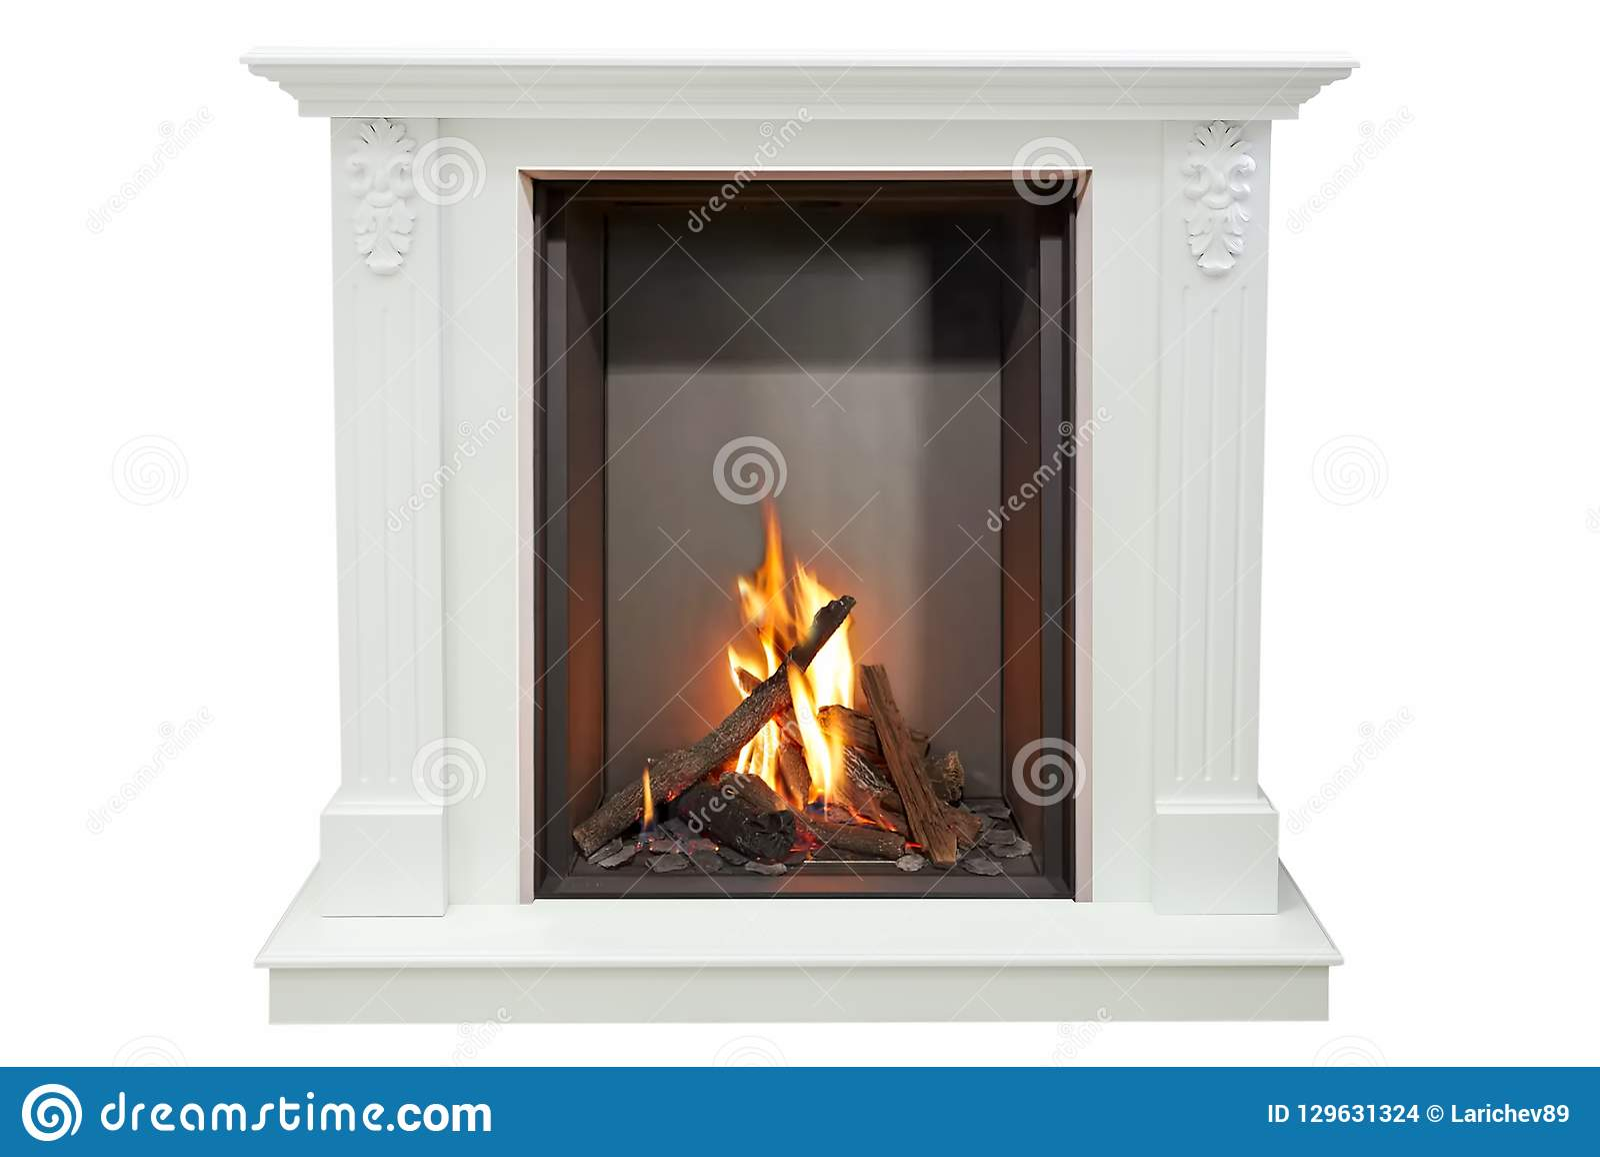 Camino Classico Bianco : Camino classico bruciante di marmo bianco isolato su bianco